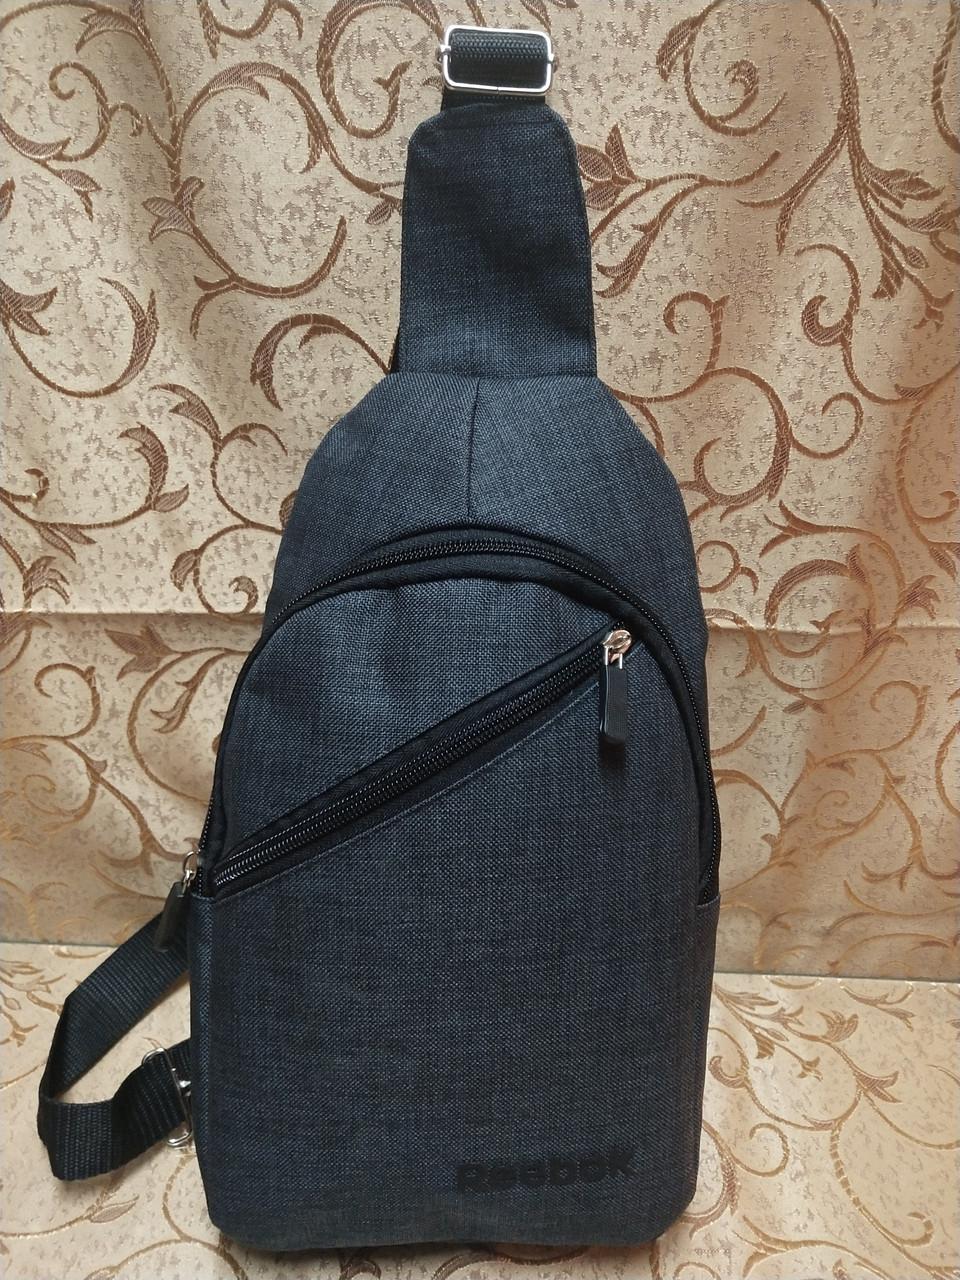 27c857062174 Новинка (Гарантия качества)Барсетка reebok слинг на грудь сумка спортивные  мессенджер 600d для через плечо